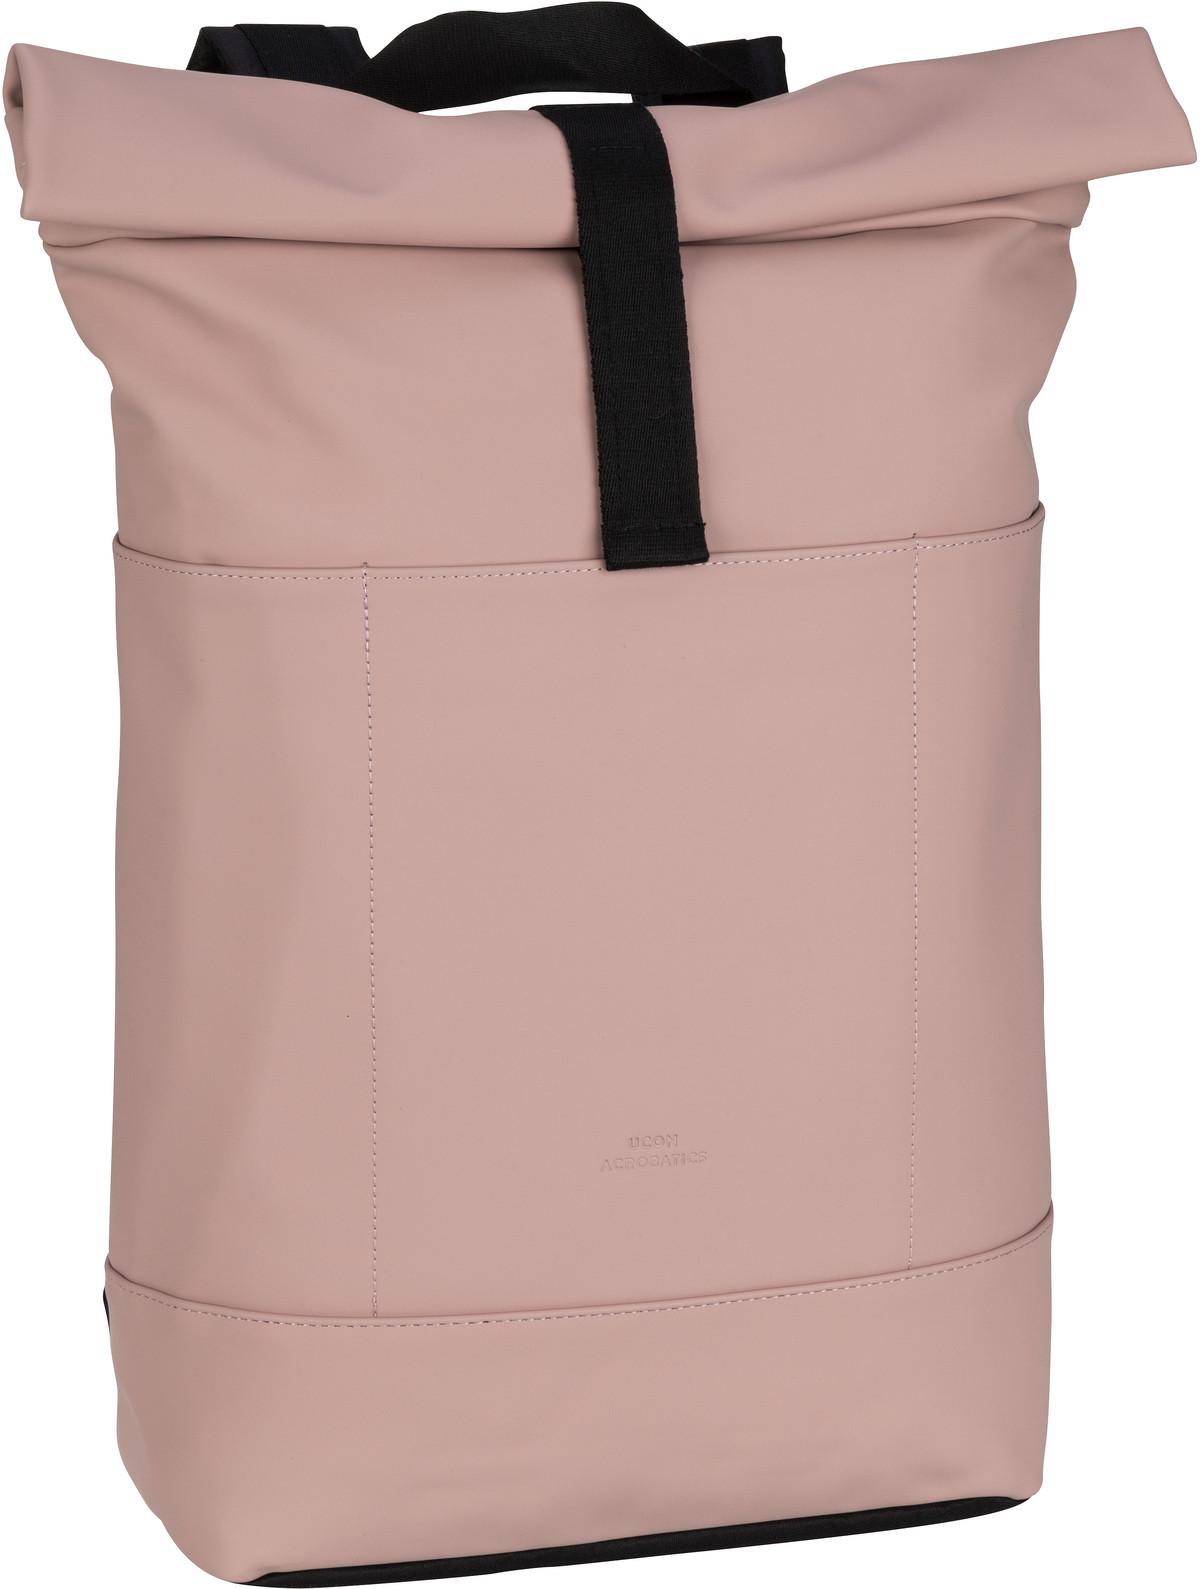 Laptoprucksack Lotus Hajo Backpack Rose (20 Liter)